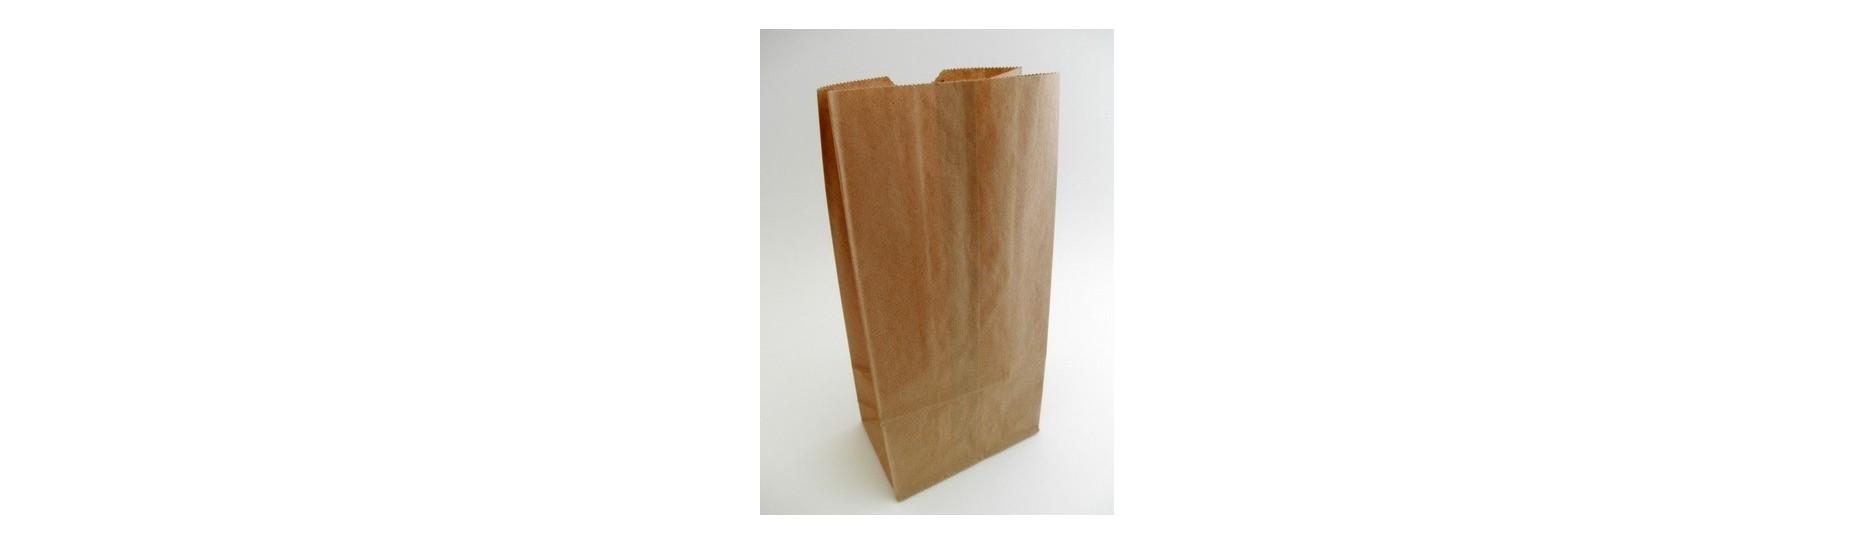 Papírové sáčky s bočními záložkami neboli s bočním záhybem. Papírové sáčky slouží převážně k balení menších výrobků, do kanceláře, k odnosu nákupu, dřevěné uhlí, pro nejrůznější malospotřebitelská balení, krmivá pro zvířata, granulát, mouku apod.